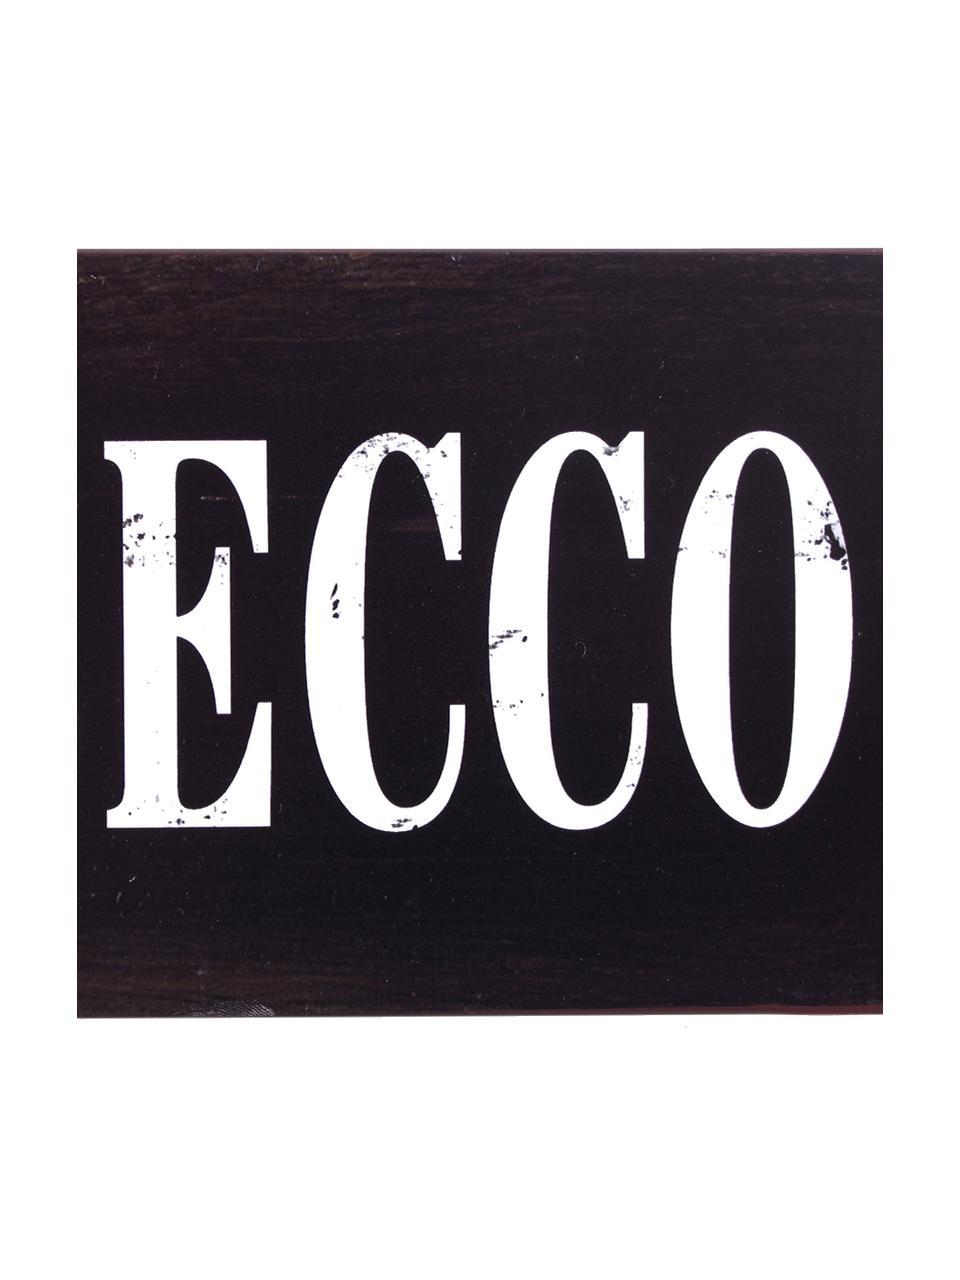 Dekorační tabule Prosecco, Černá, bílá